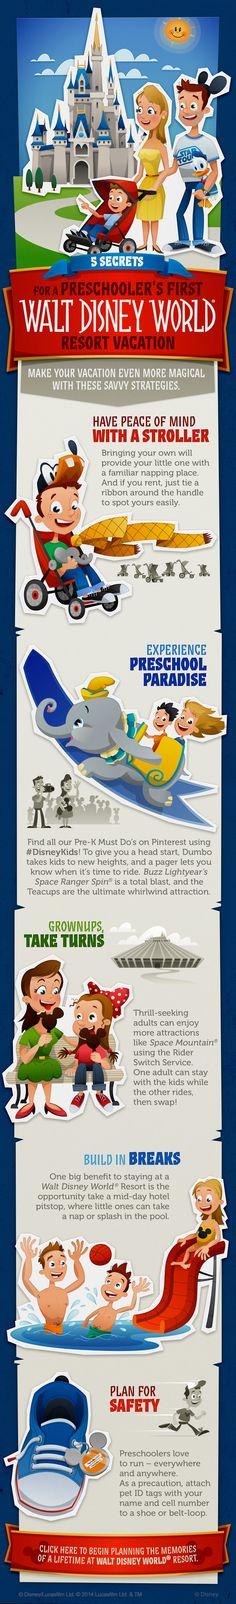 5 Secrets for a Preschooler's First Walt Disney World Resort Vacation! http://www.pinterest.com/search?q=DisneyKids http://www.pinterest.com/explore/toddlers http://www.pinterest.com/explore/vacation http://www.pinterest.com/explore/tips http://www.pinterest.com/search?q=tricks